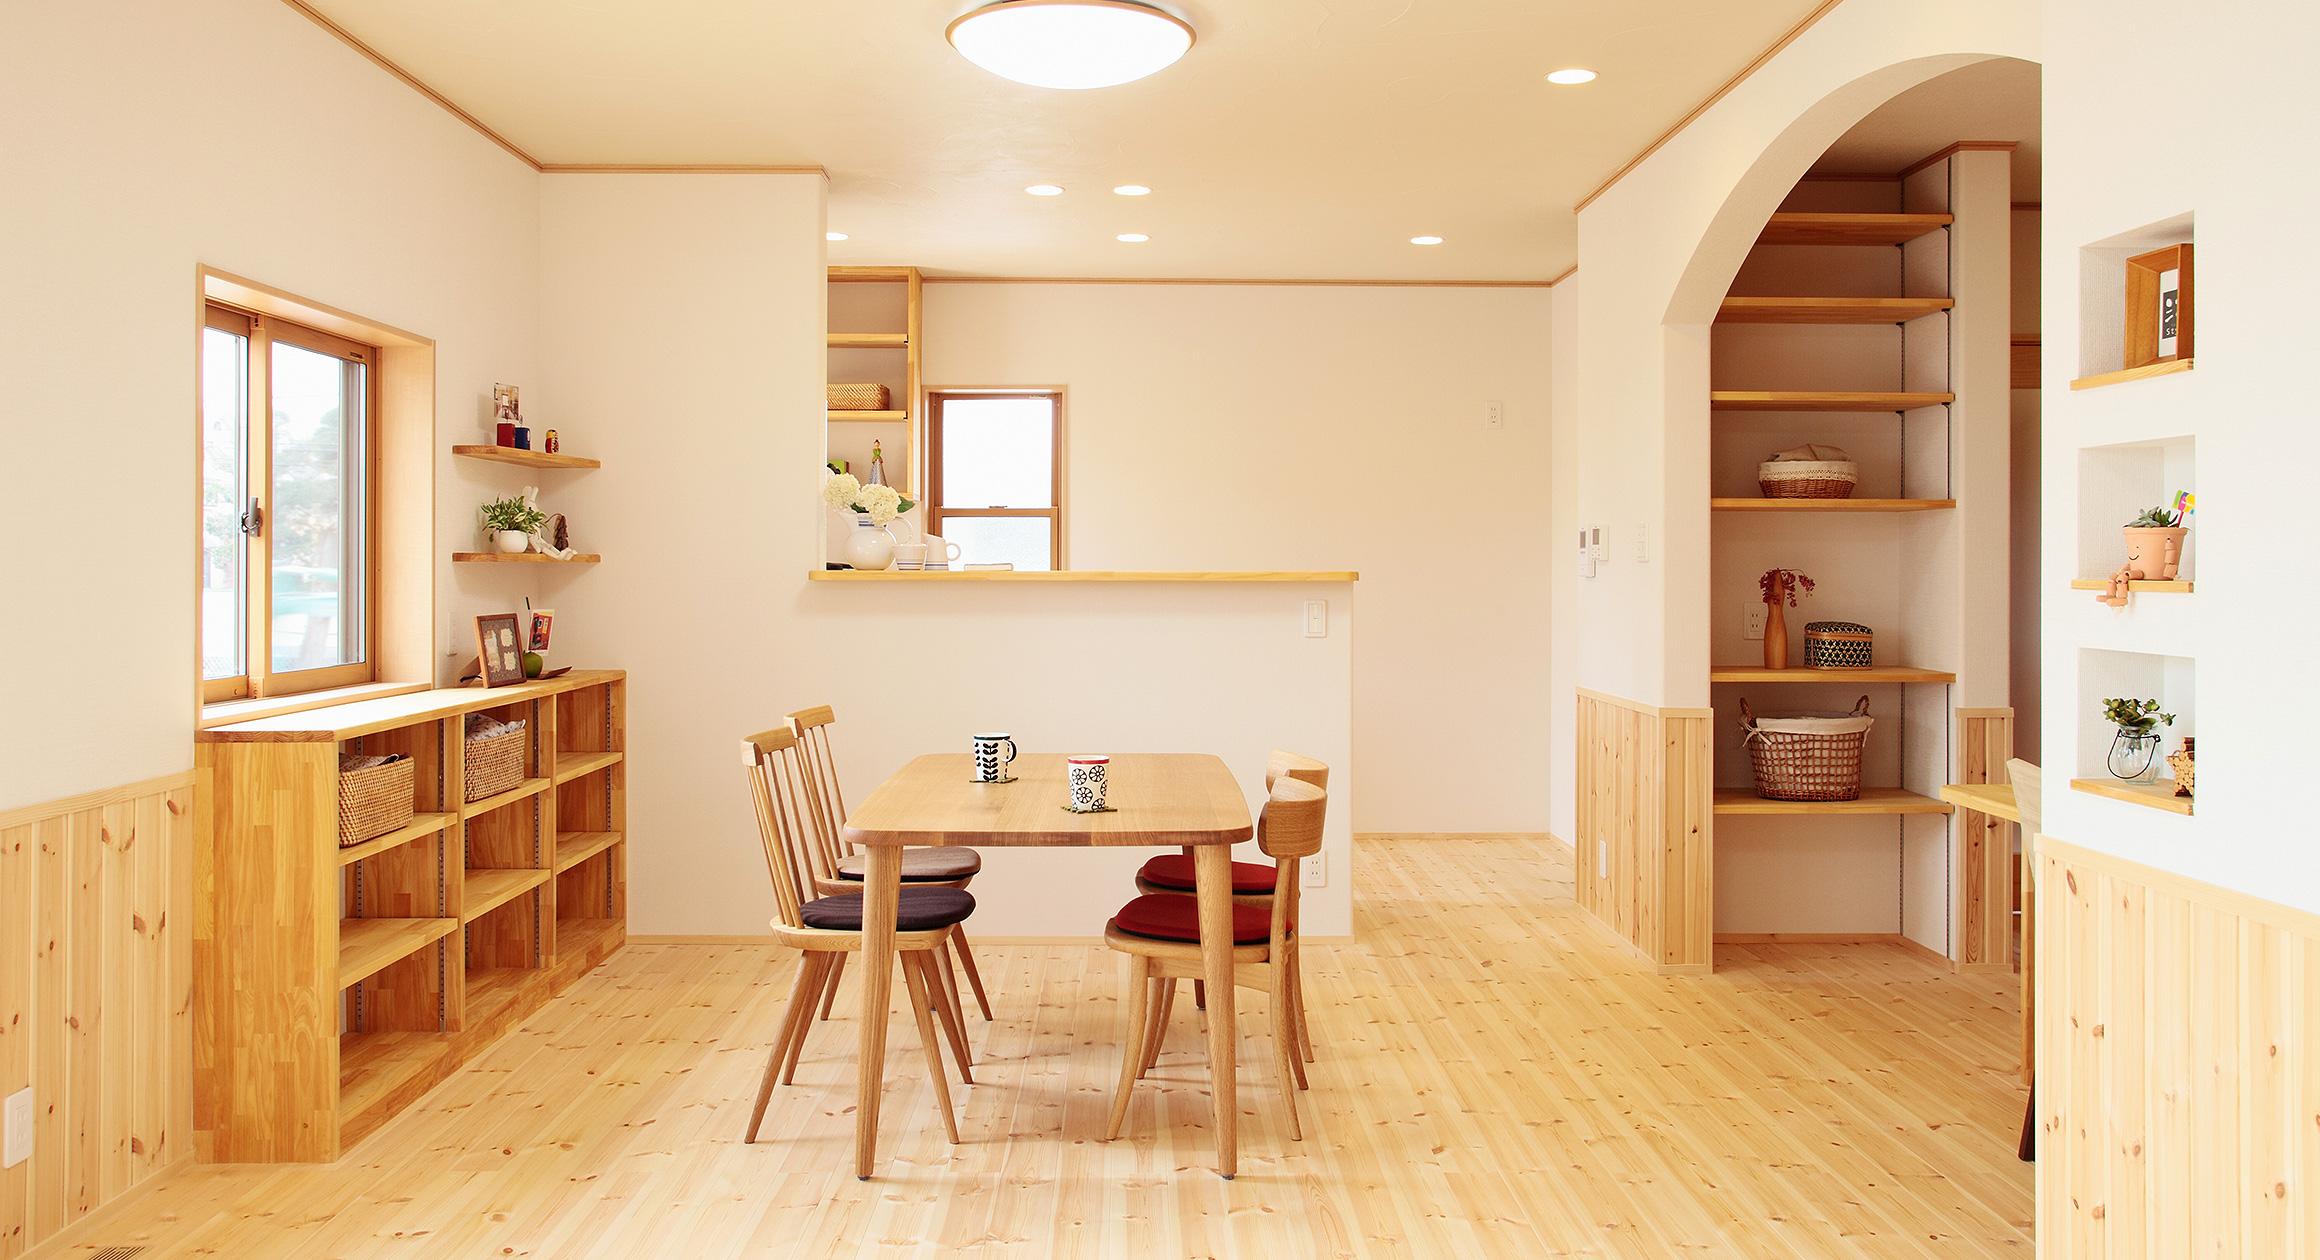 三友工務店の新築注文住宅 熊本市A様邸